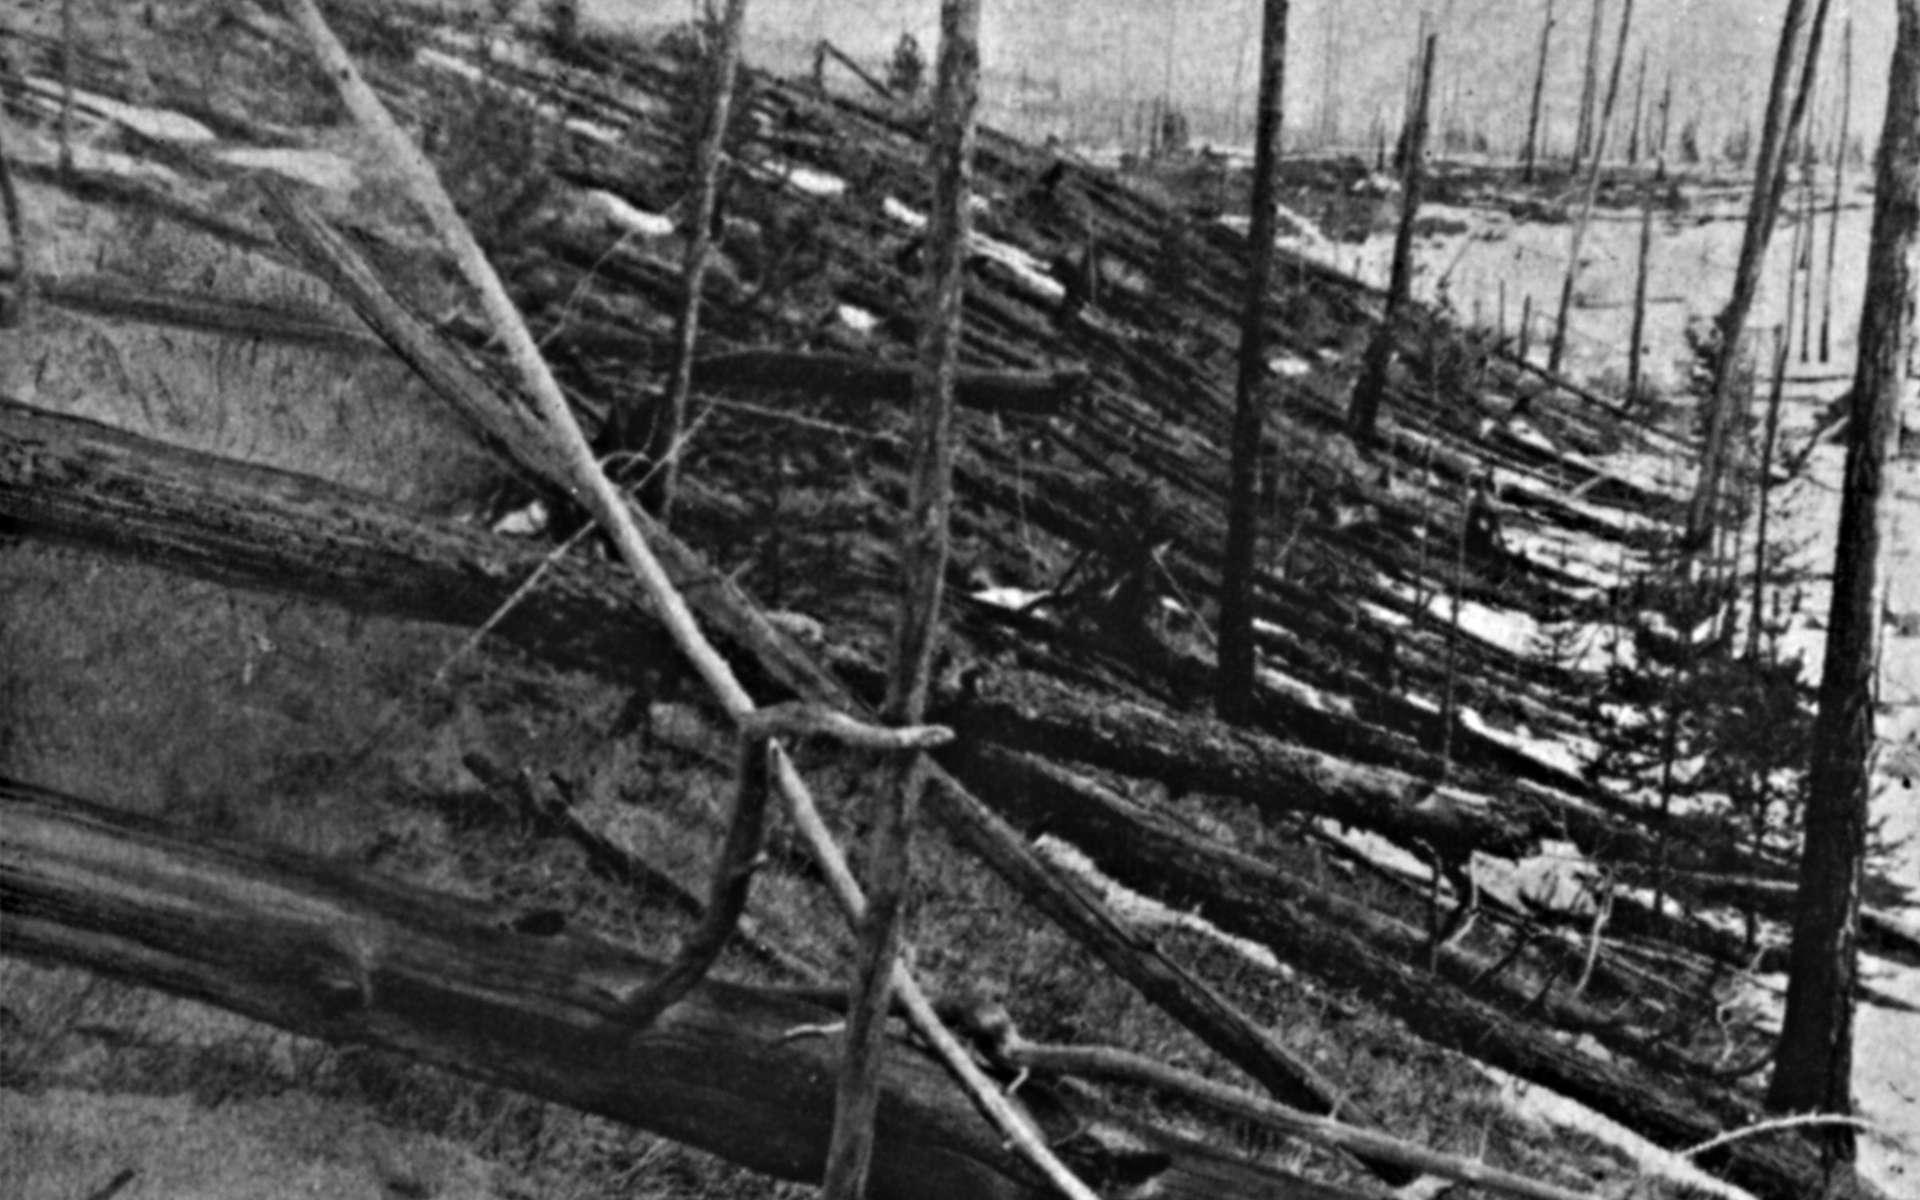 Cette photographie a été prise en 1929 sur le site de l'événement de la Toungouska, en Sibérie. La déflagration de l'explosion a été entendue dans un rayon de 1.500 km. © Yevgeny Krinov, Wikimedia Commons, DP